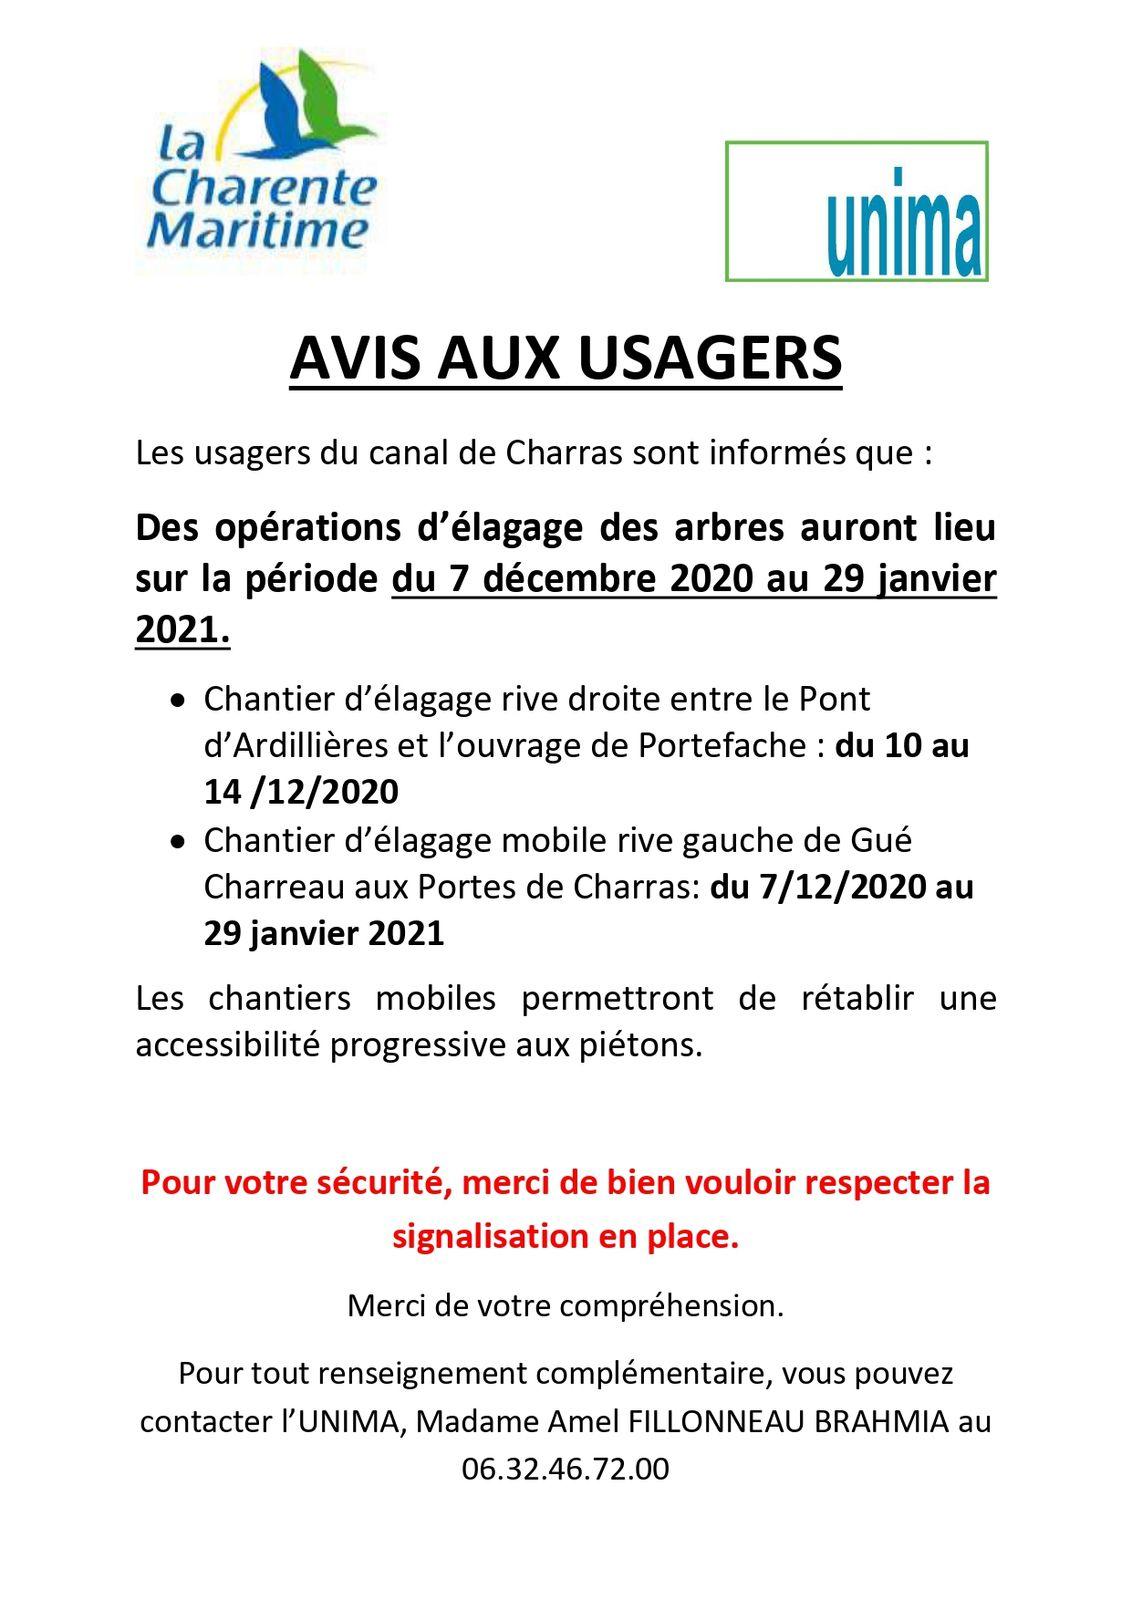 AVIS AUX USAGERS DU CANAL DE CHARRAS